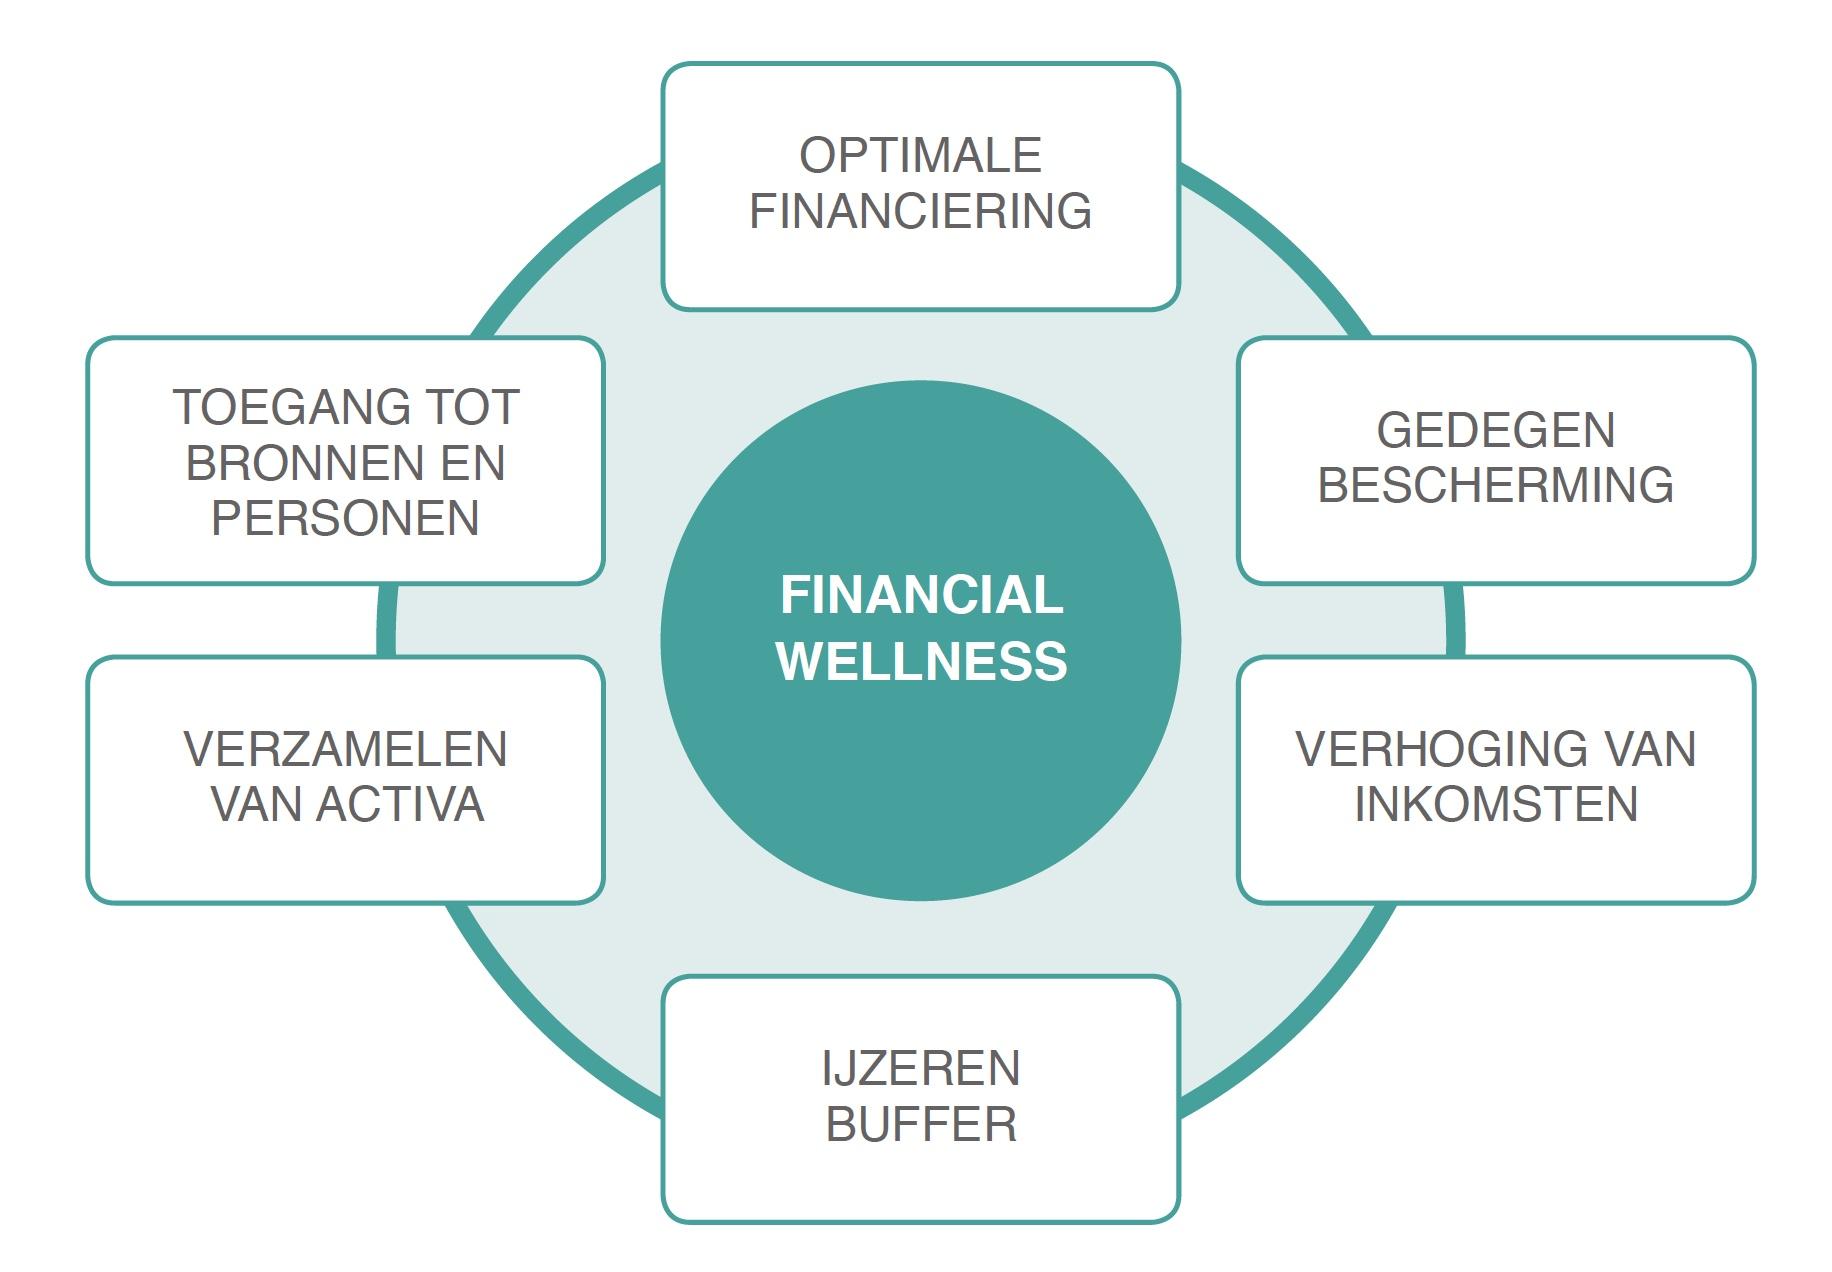 https://www.financialwellbeingacademy.be/wp-content/uploads/2019/02/Financial-Wellness-Wat-brengt-het-op-aan-voordelen-.jpeg